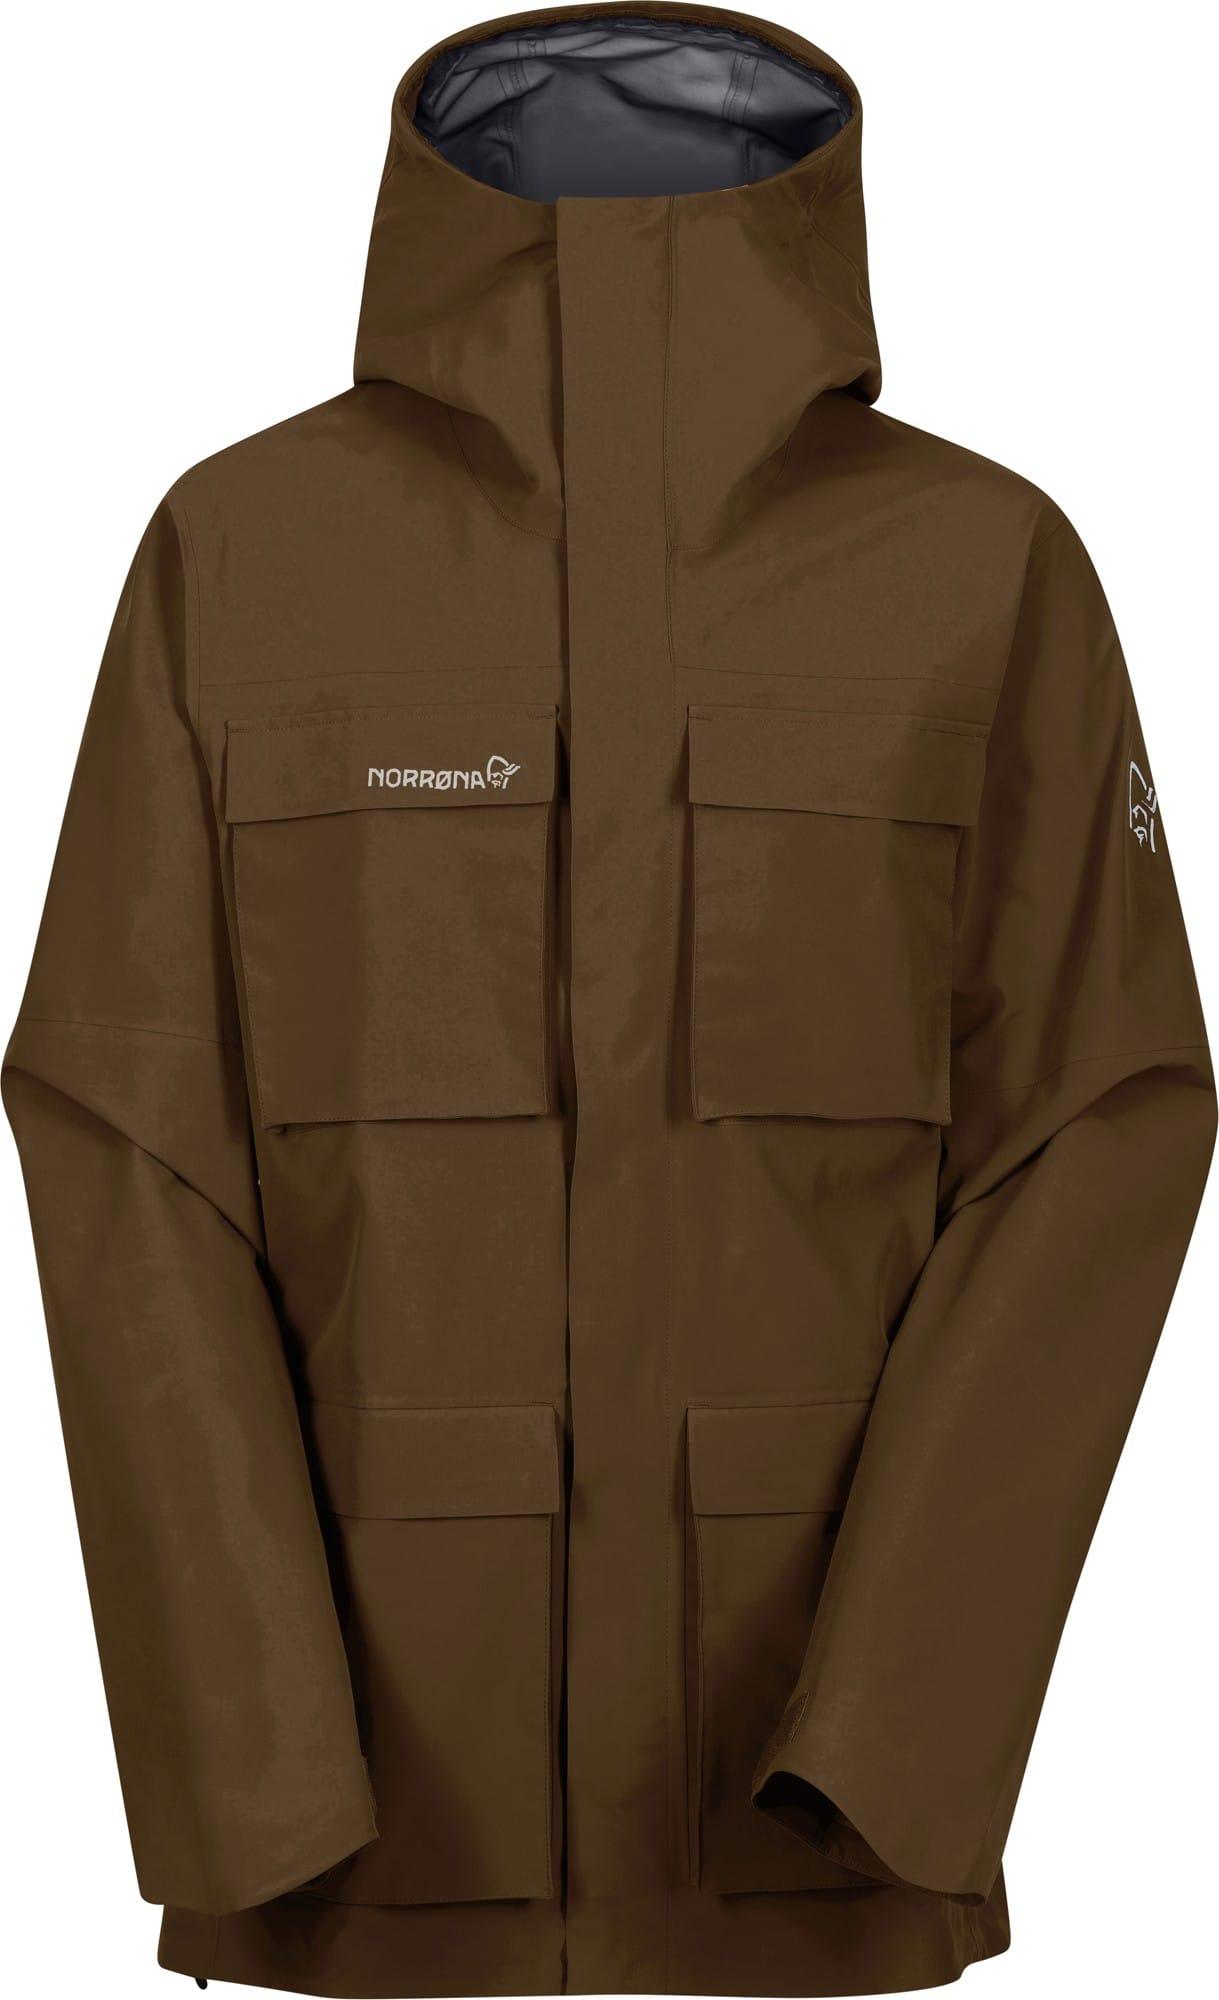 Norrona Svalbard Gore-Tex Jacket Braun, Male Gore-Tex® Freizeitjacke, XL